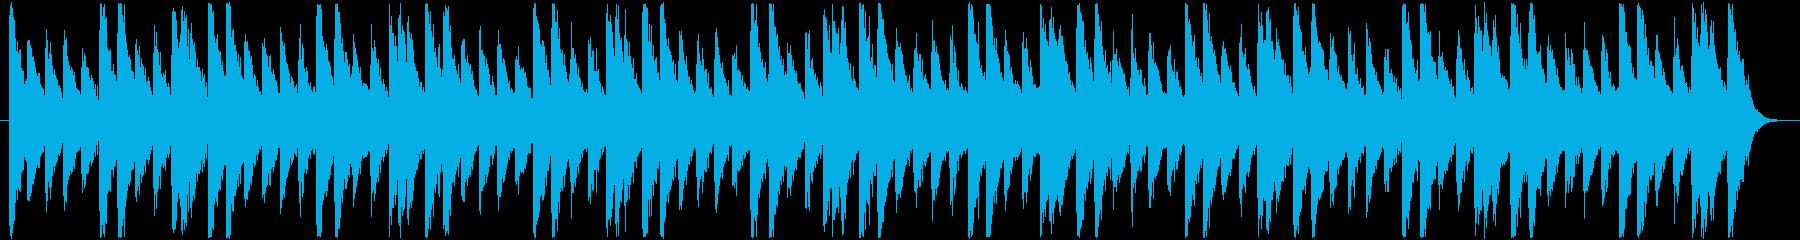 怪しいBGM_チープな感じの再生済みの波形